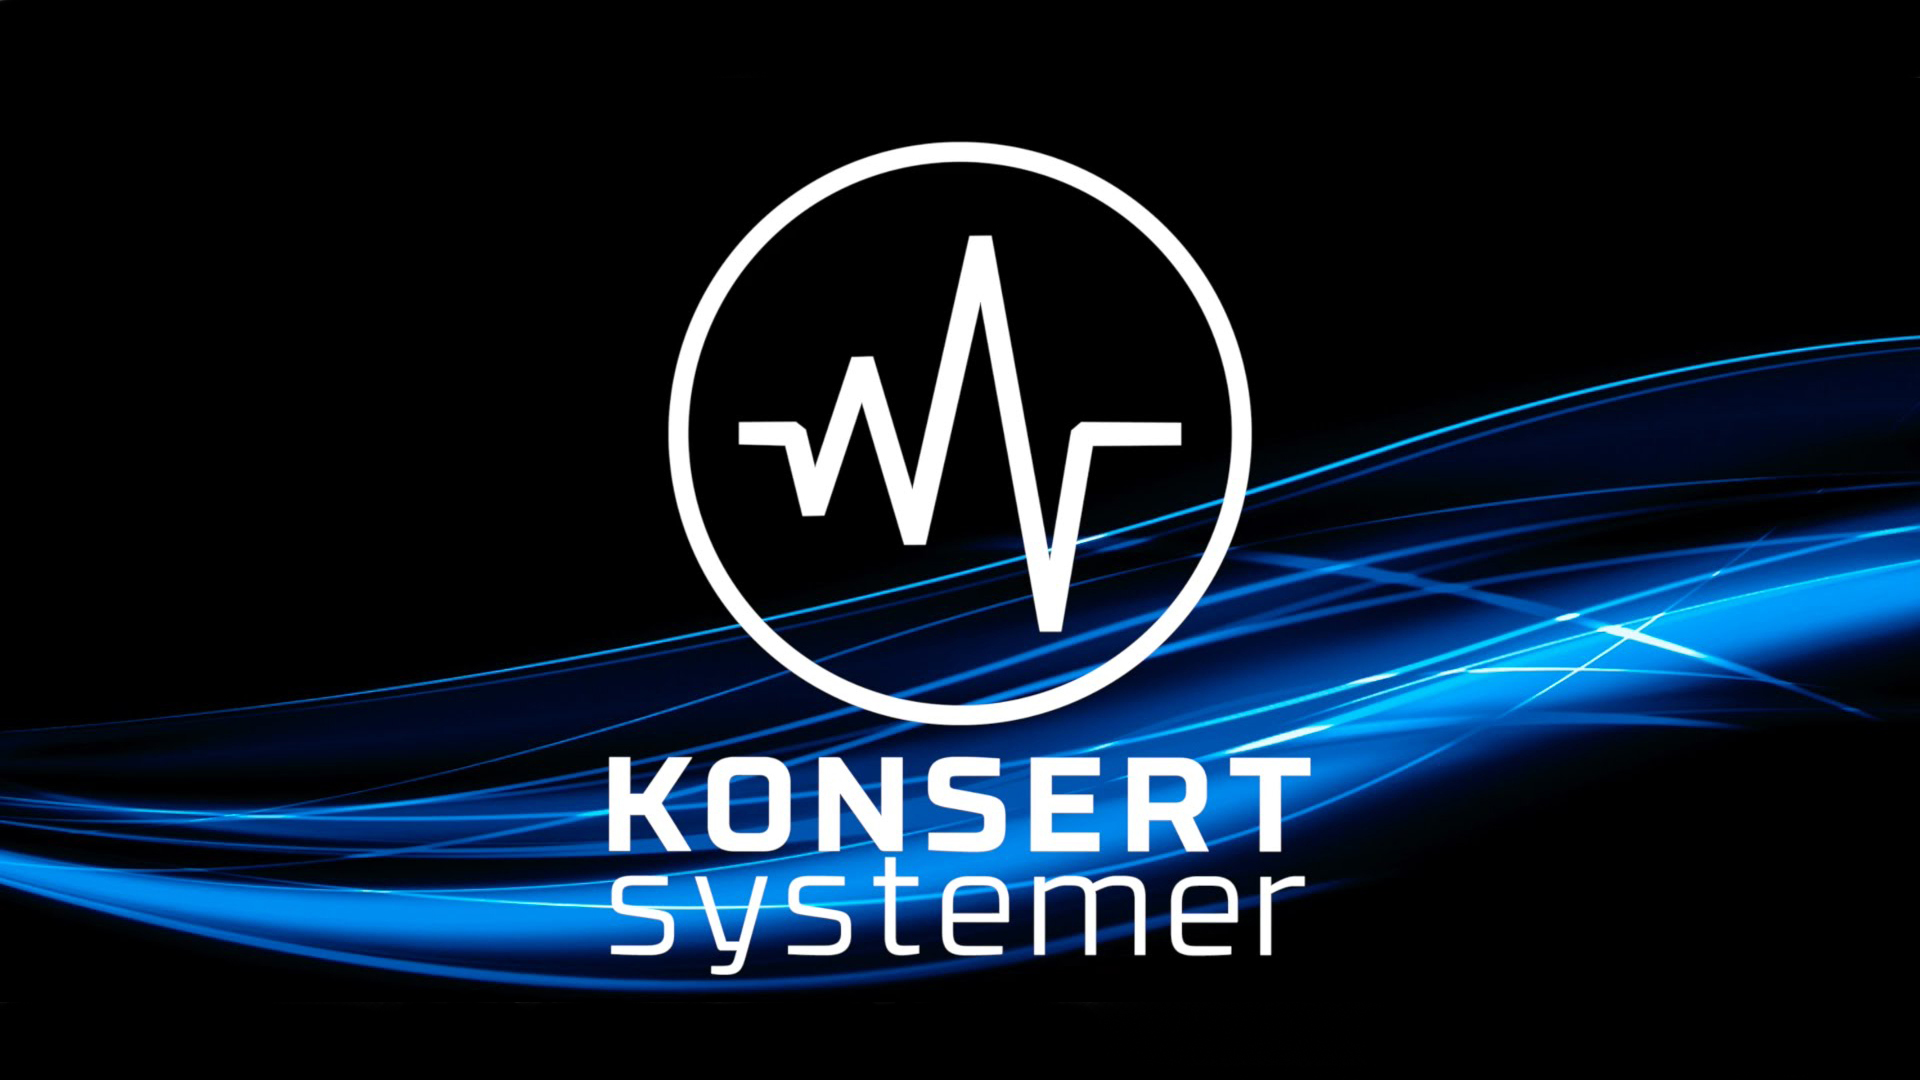 Konsertsystemer Logo (16-9)